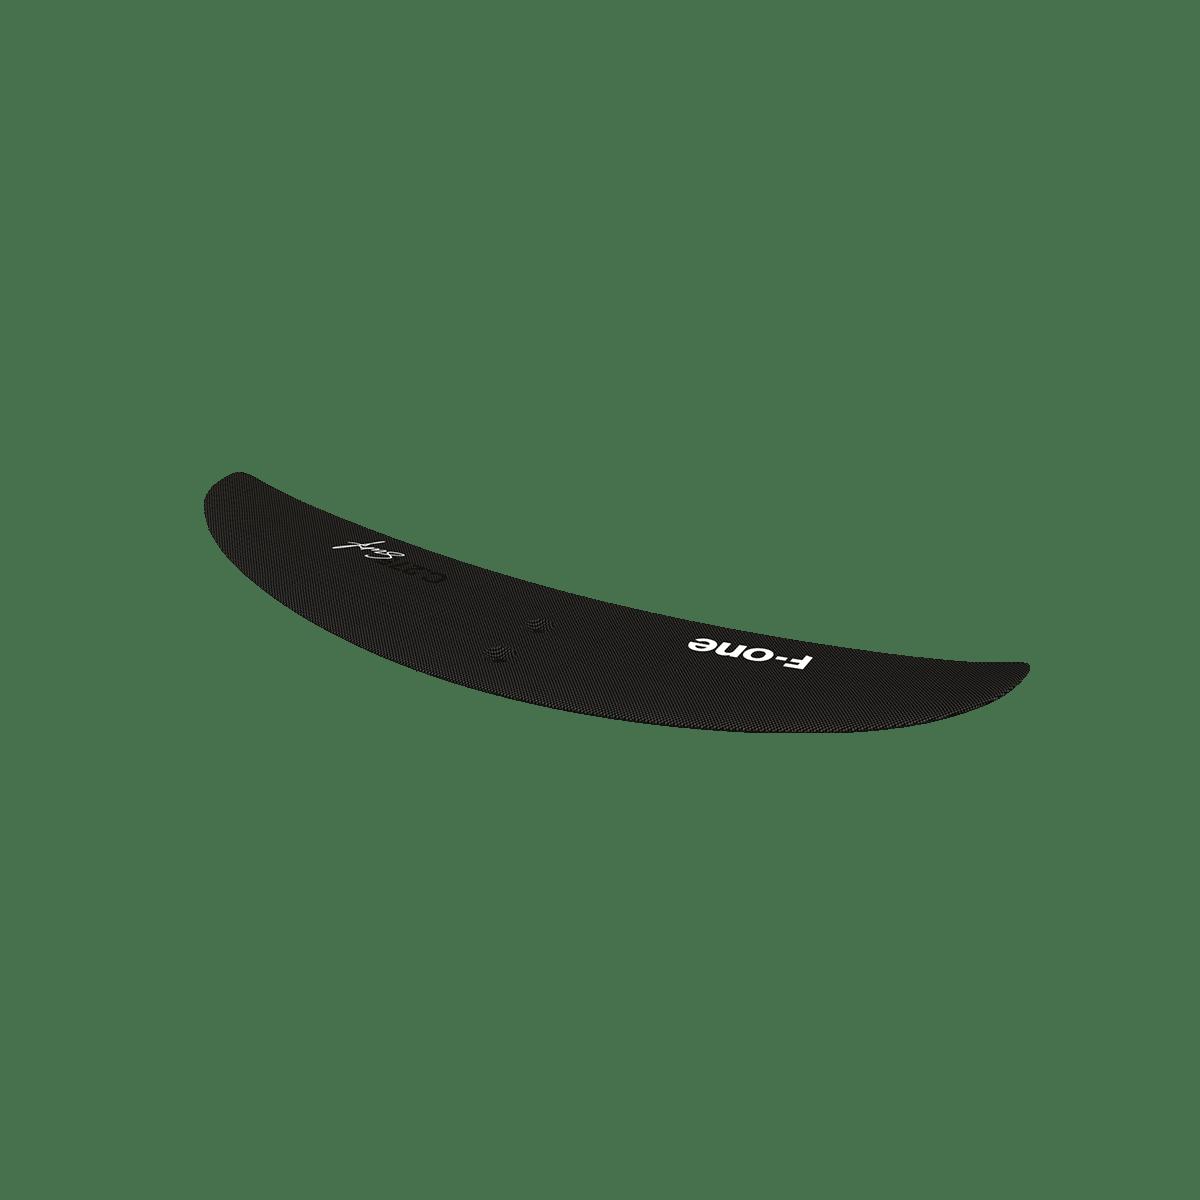 STAB-275-SURF